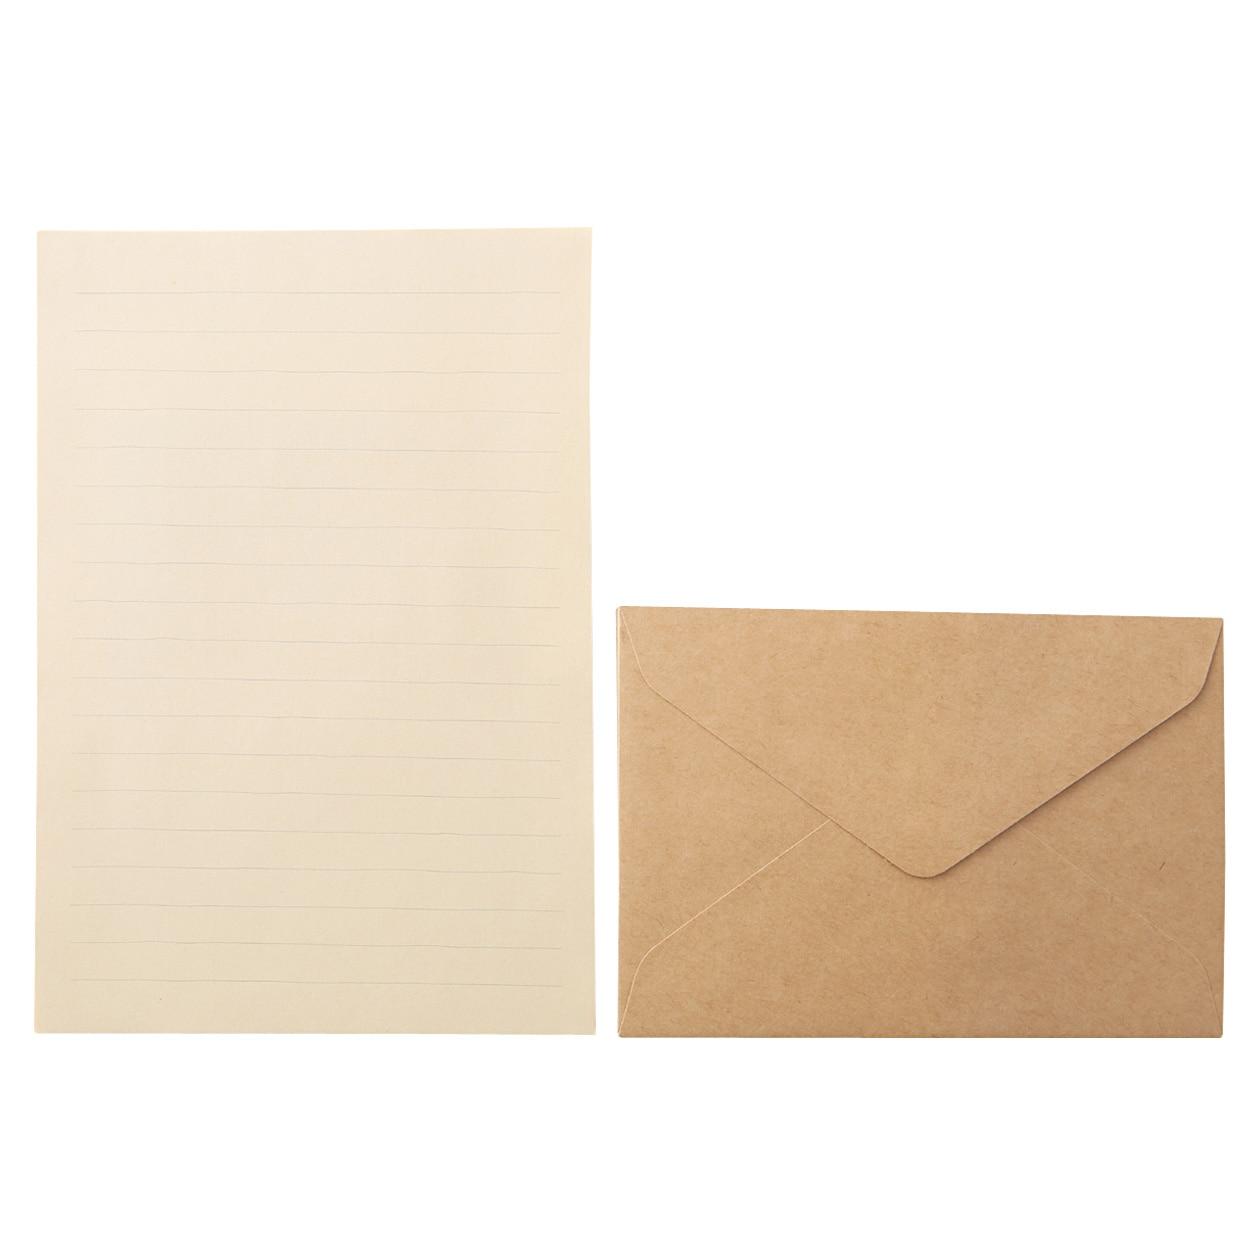 再生紙クラフトレターセット・A5